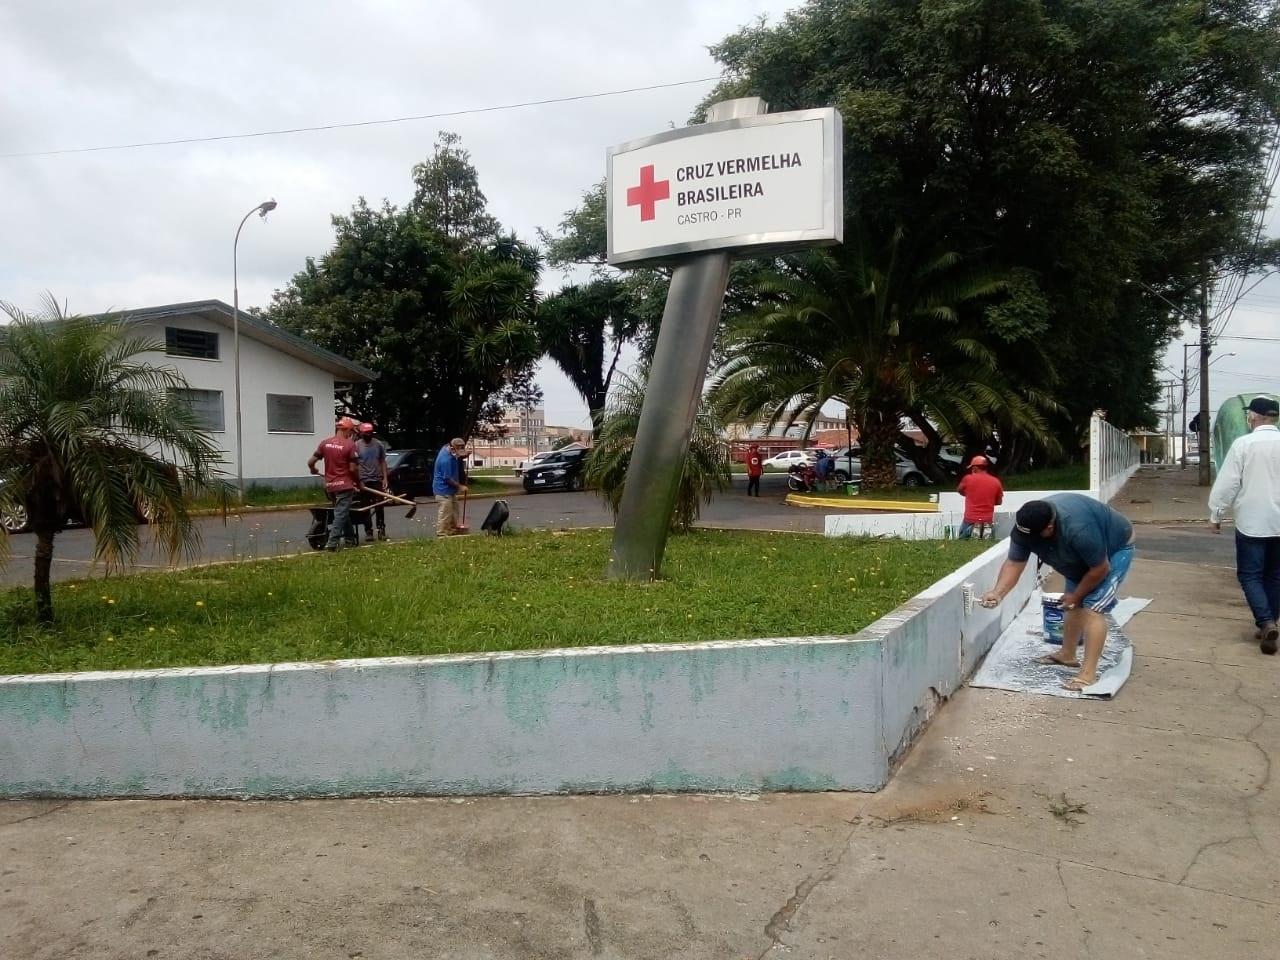 MST faz ato simbólico de embelezamento no Hospital Cruz Vermelha